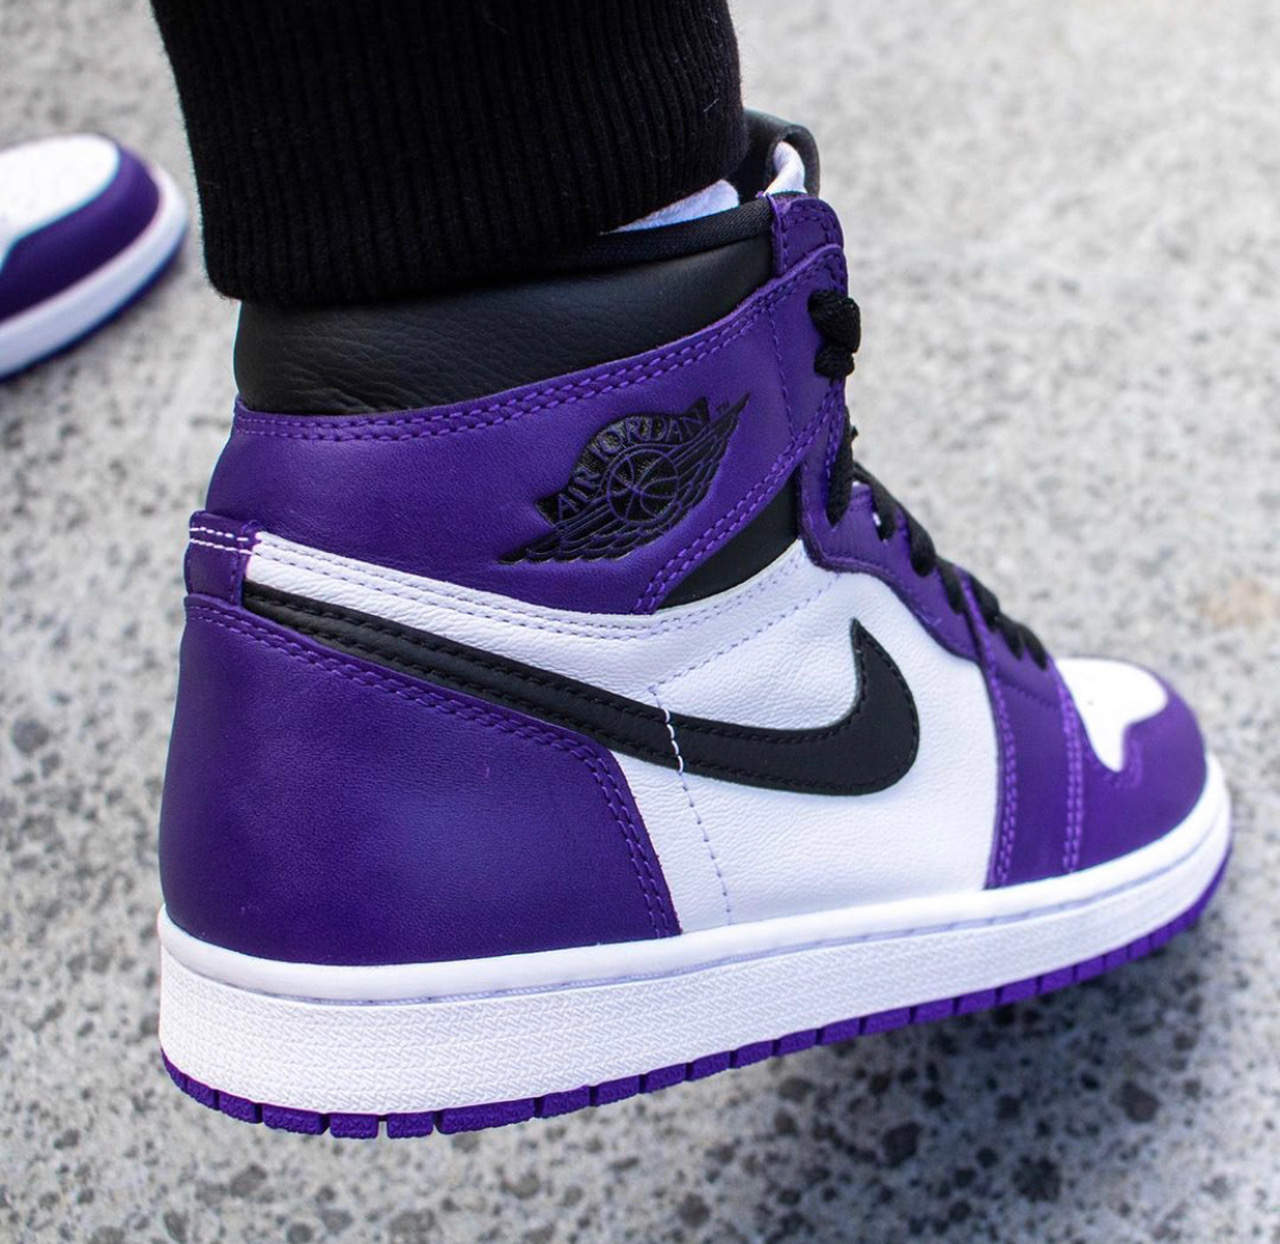 air jordan 1 violette